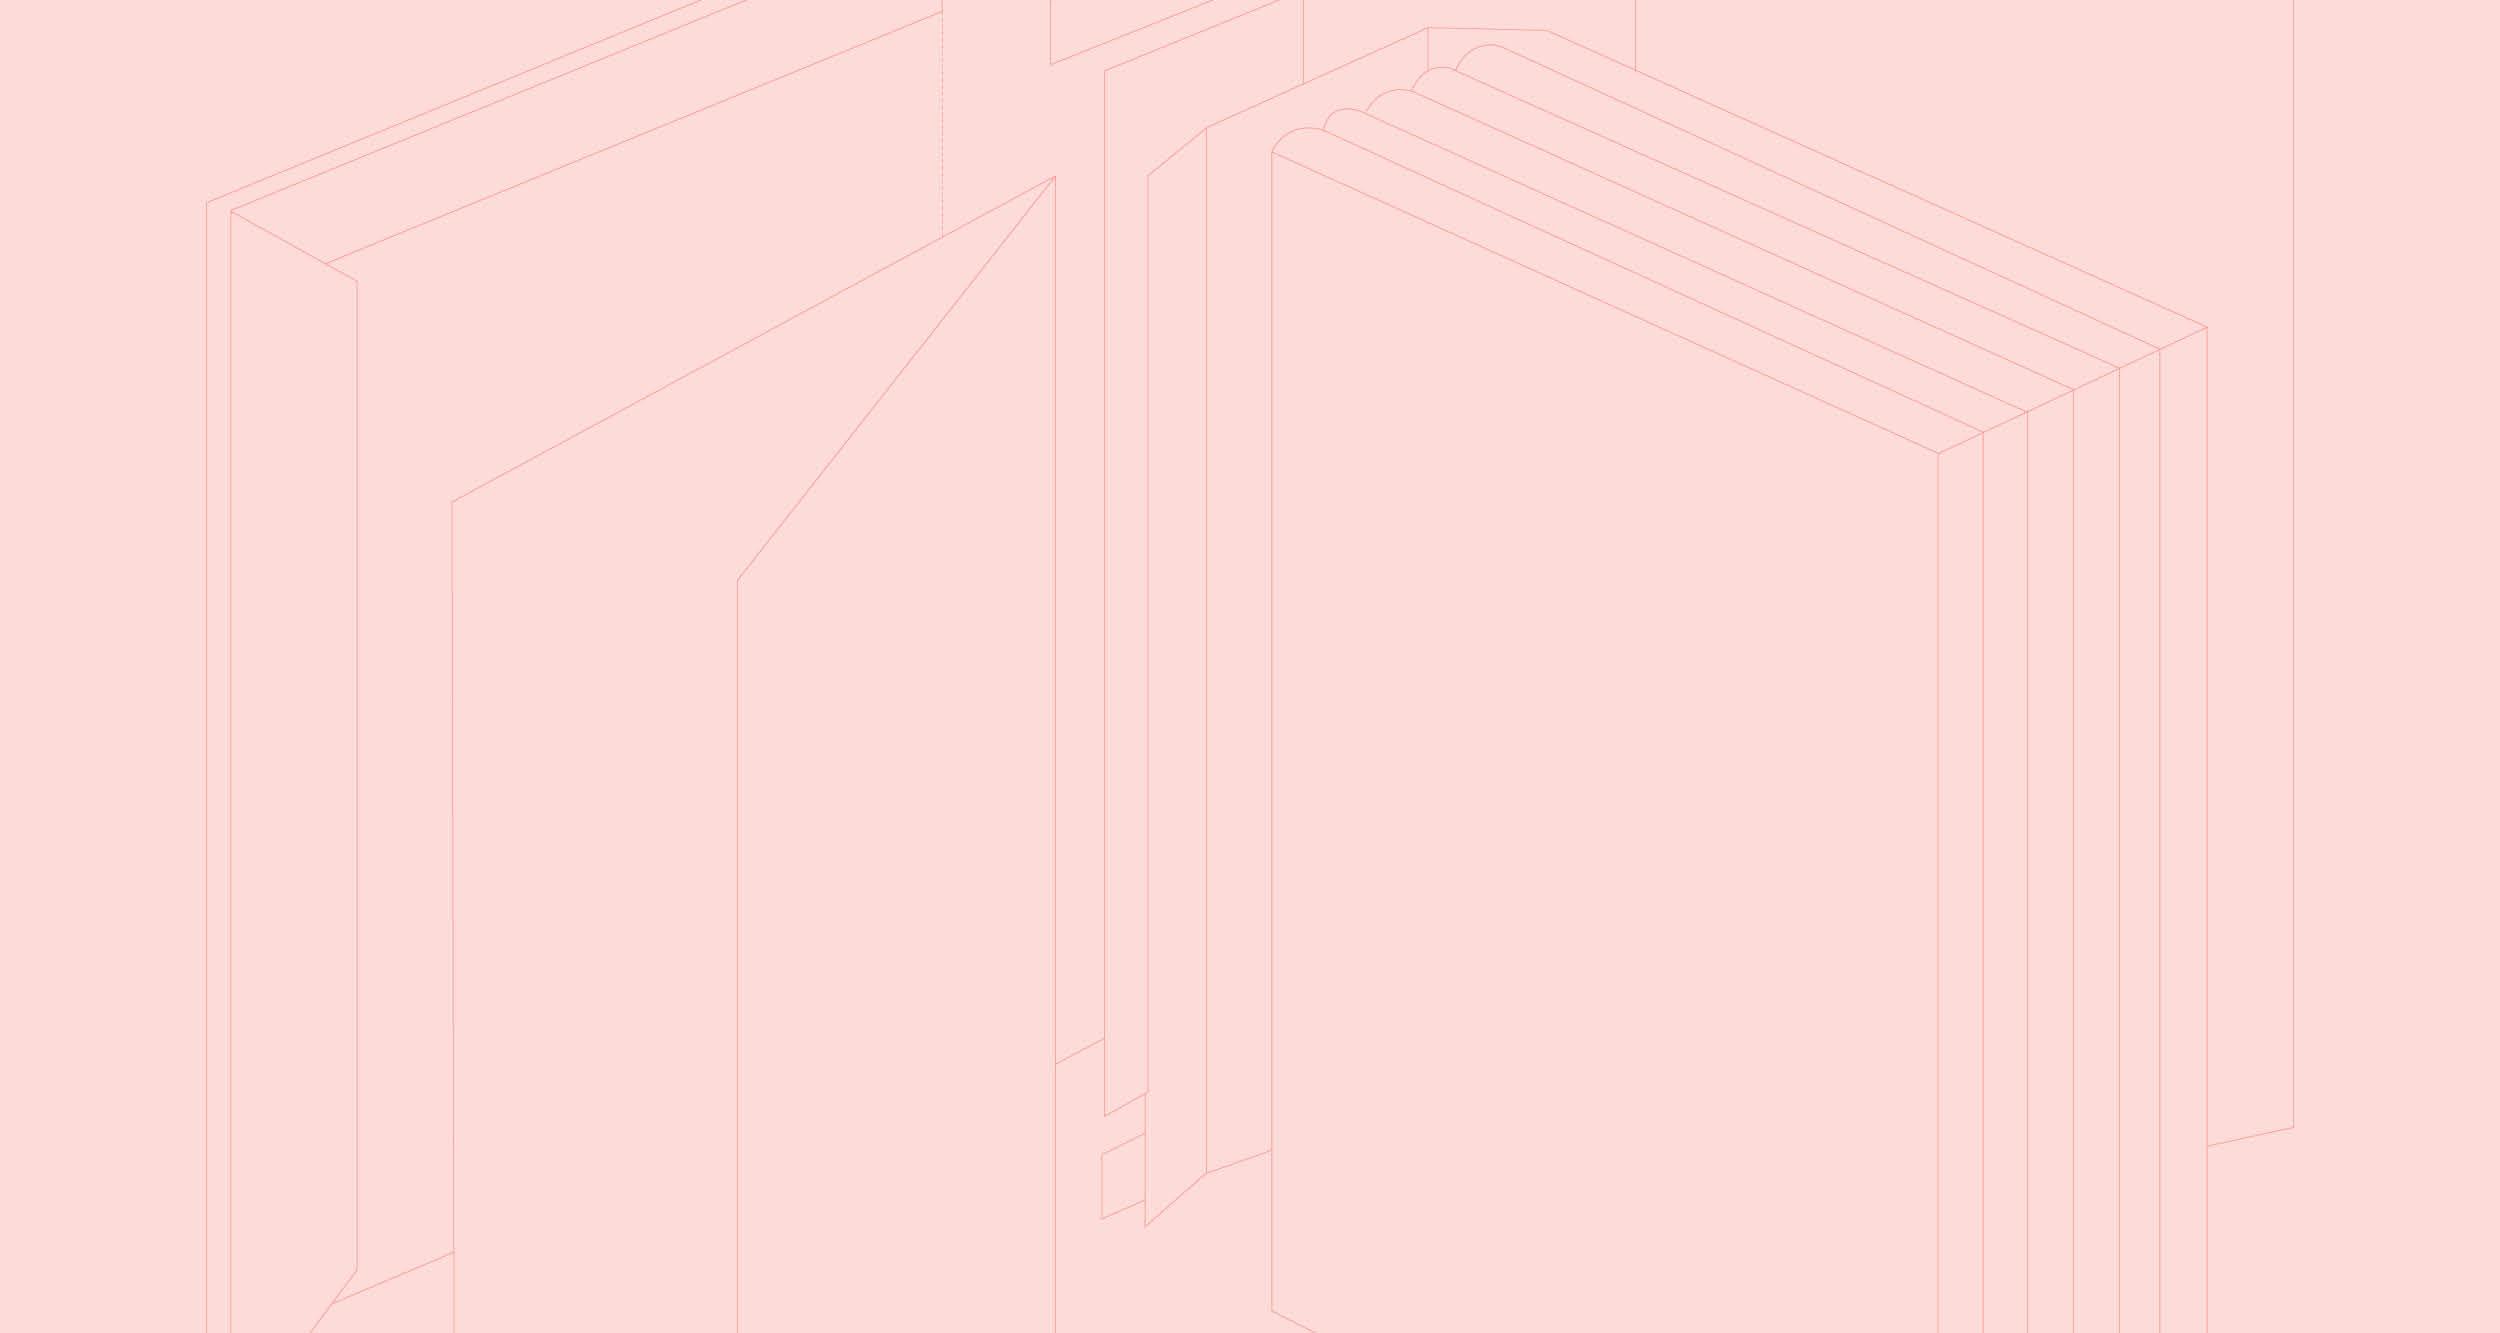 Os passos de caranguejo do Prêmio Jabuti